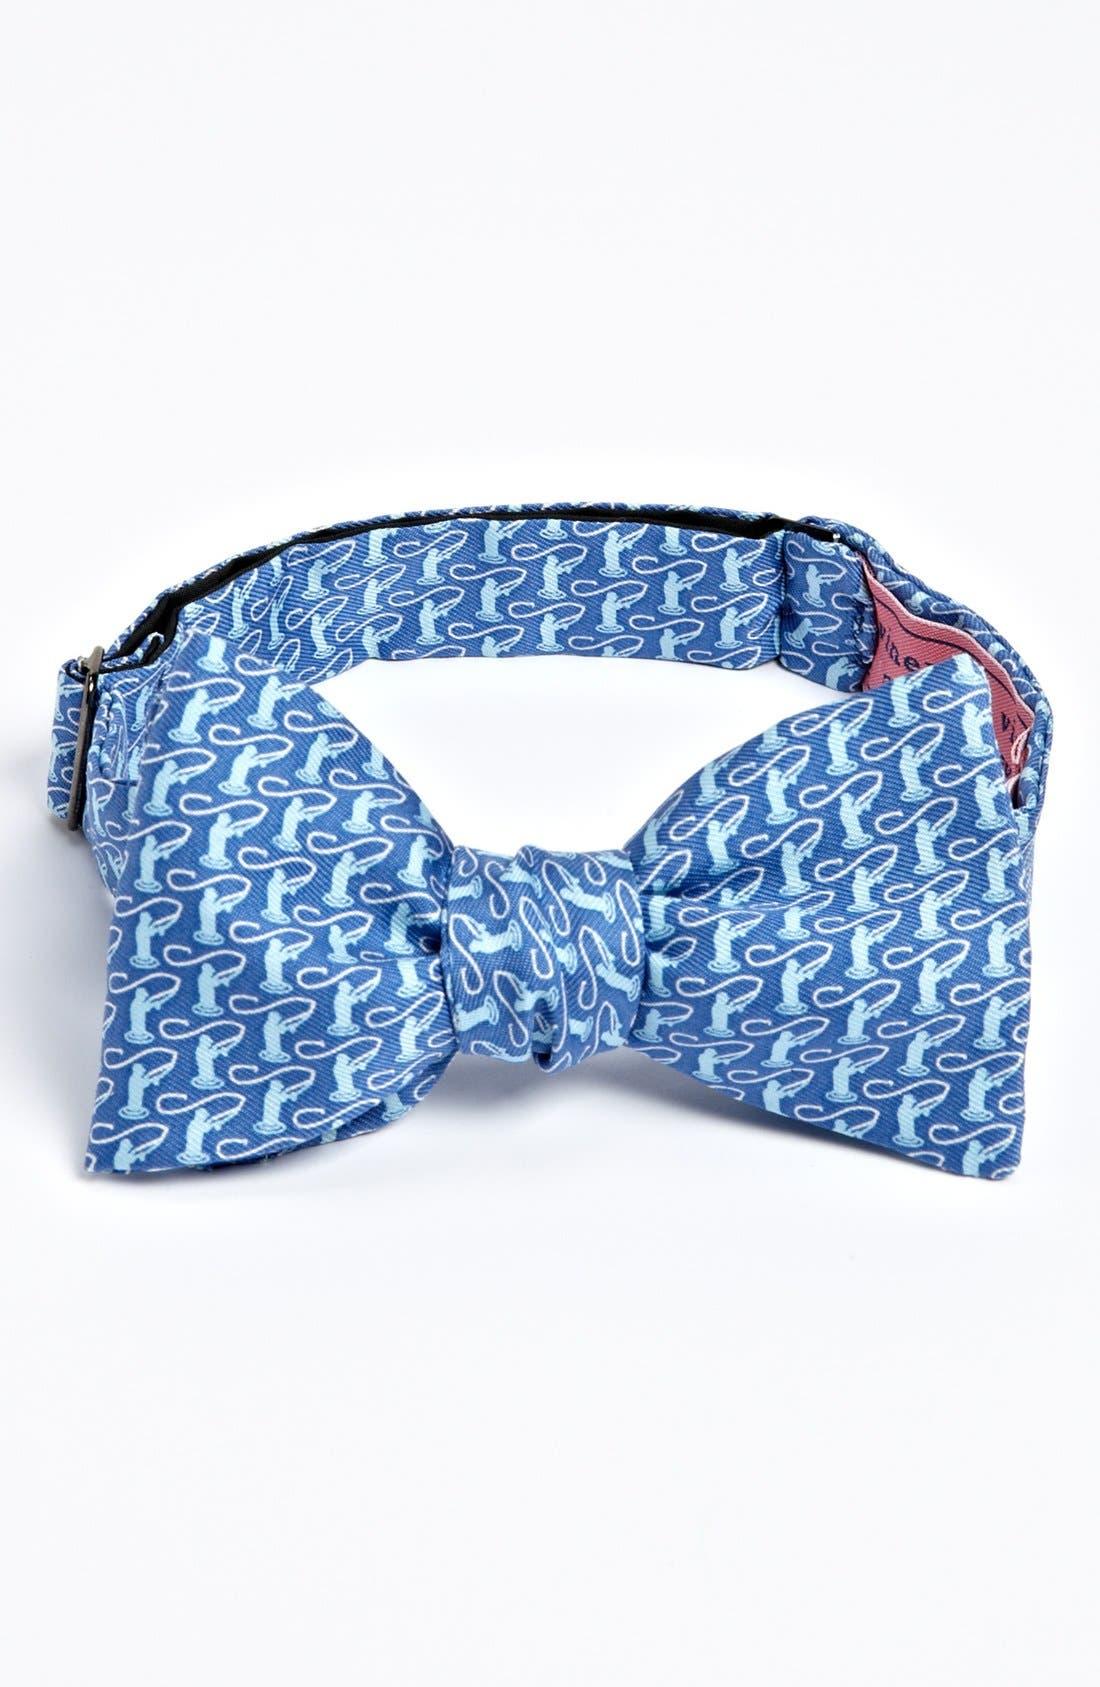 Alternate Image 1 Selected - Vineyard Vines Silk Bow Tie